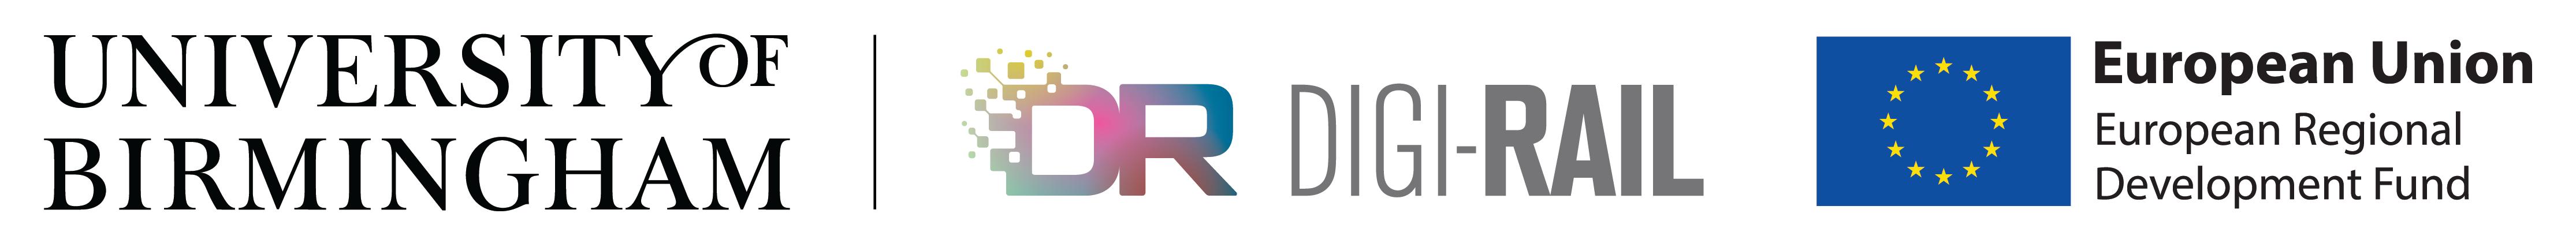 Digi-Rail logo